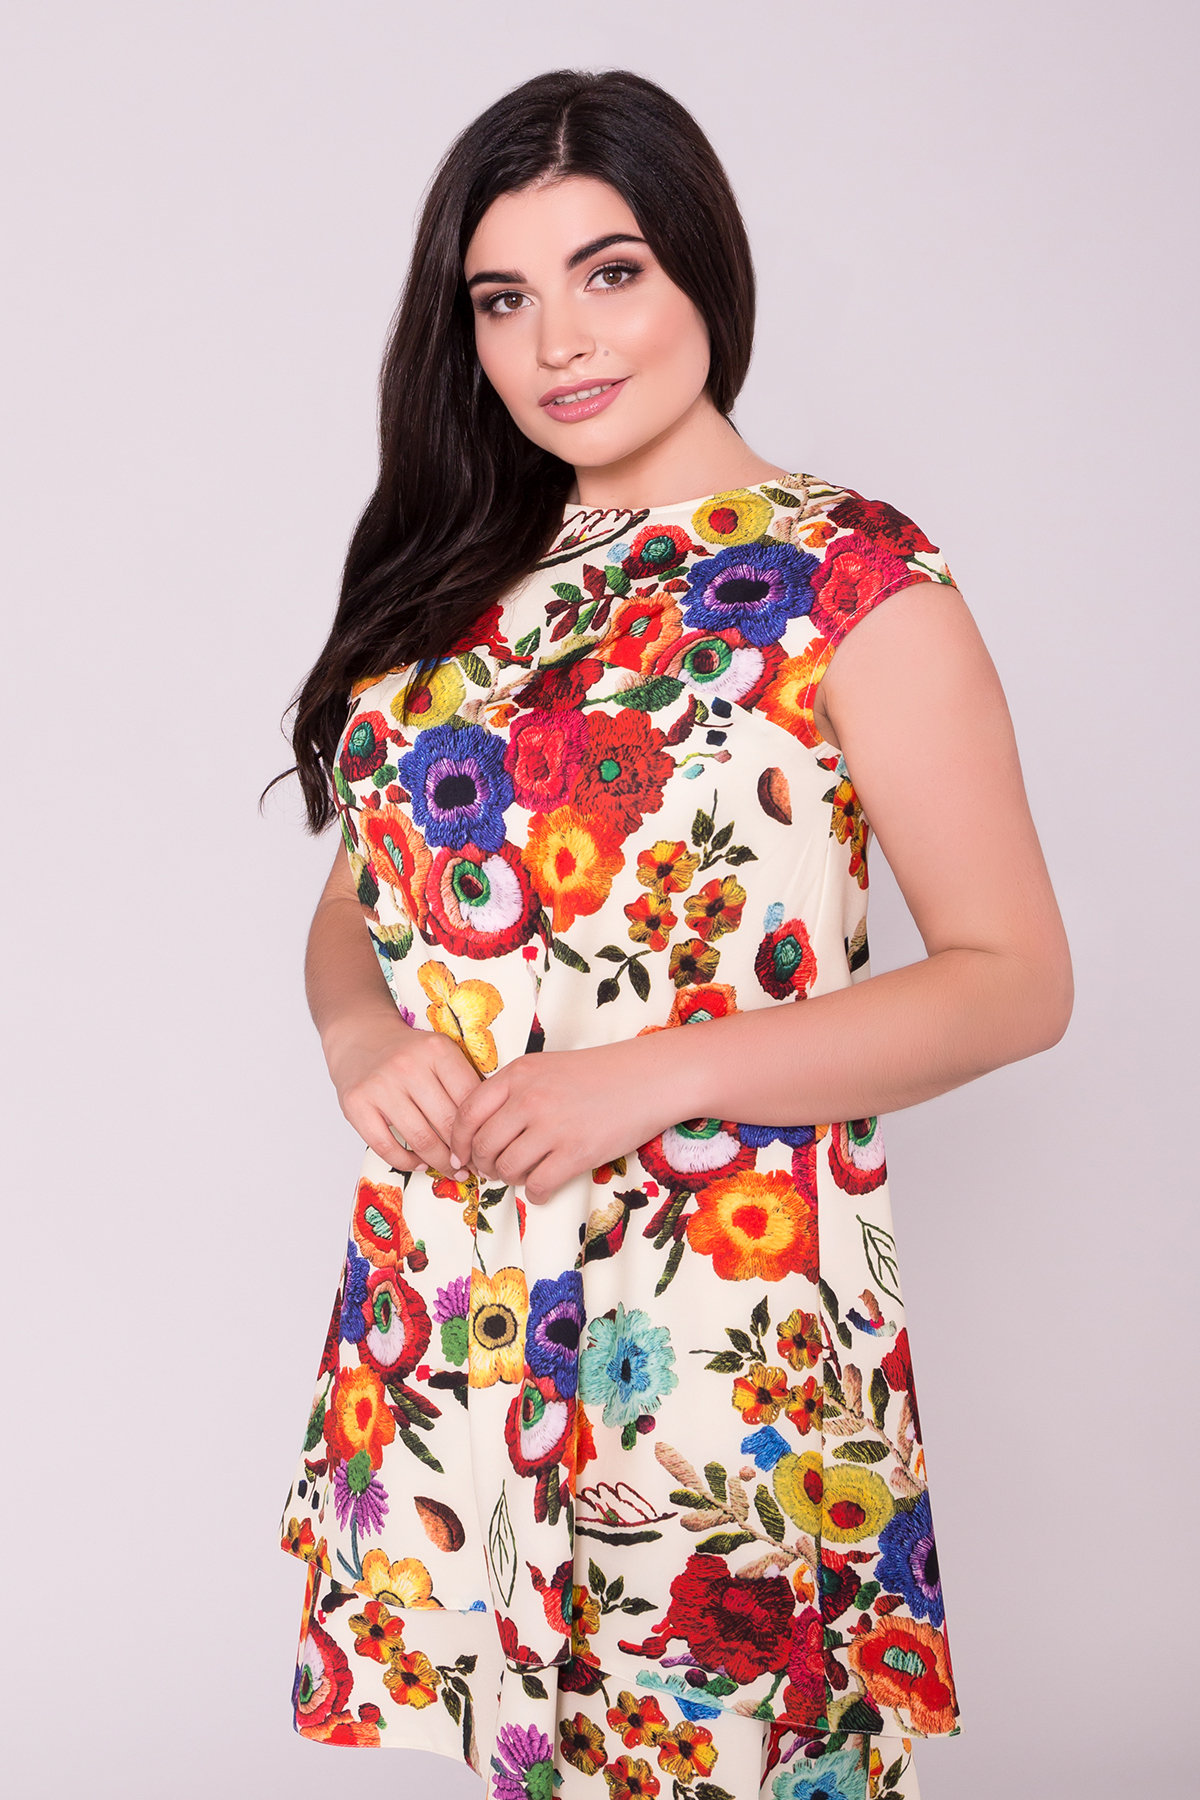 Платье Делафер DONNA 6885 АРТ. 43036 Цвет: Цветы комби молоко - фото 3, интернет магазин tm-modus.ru